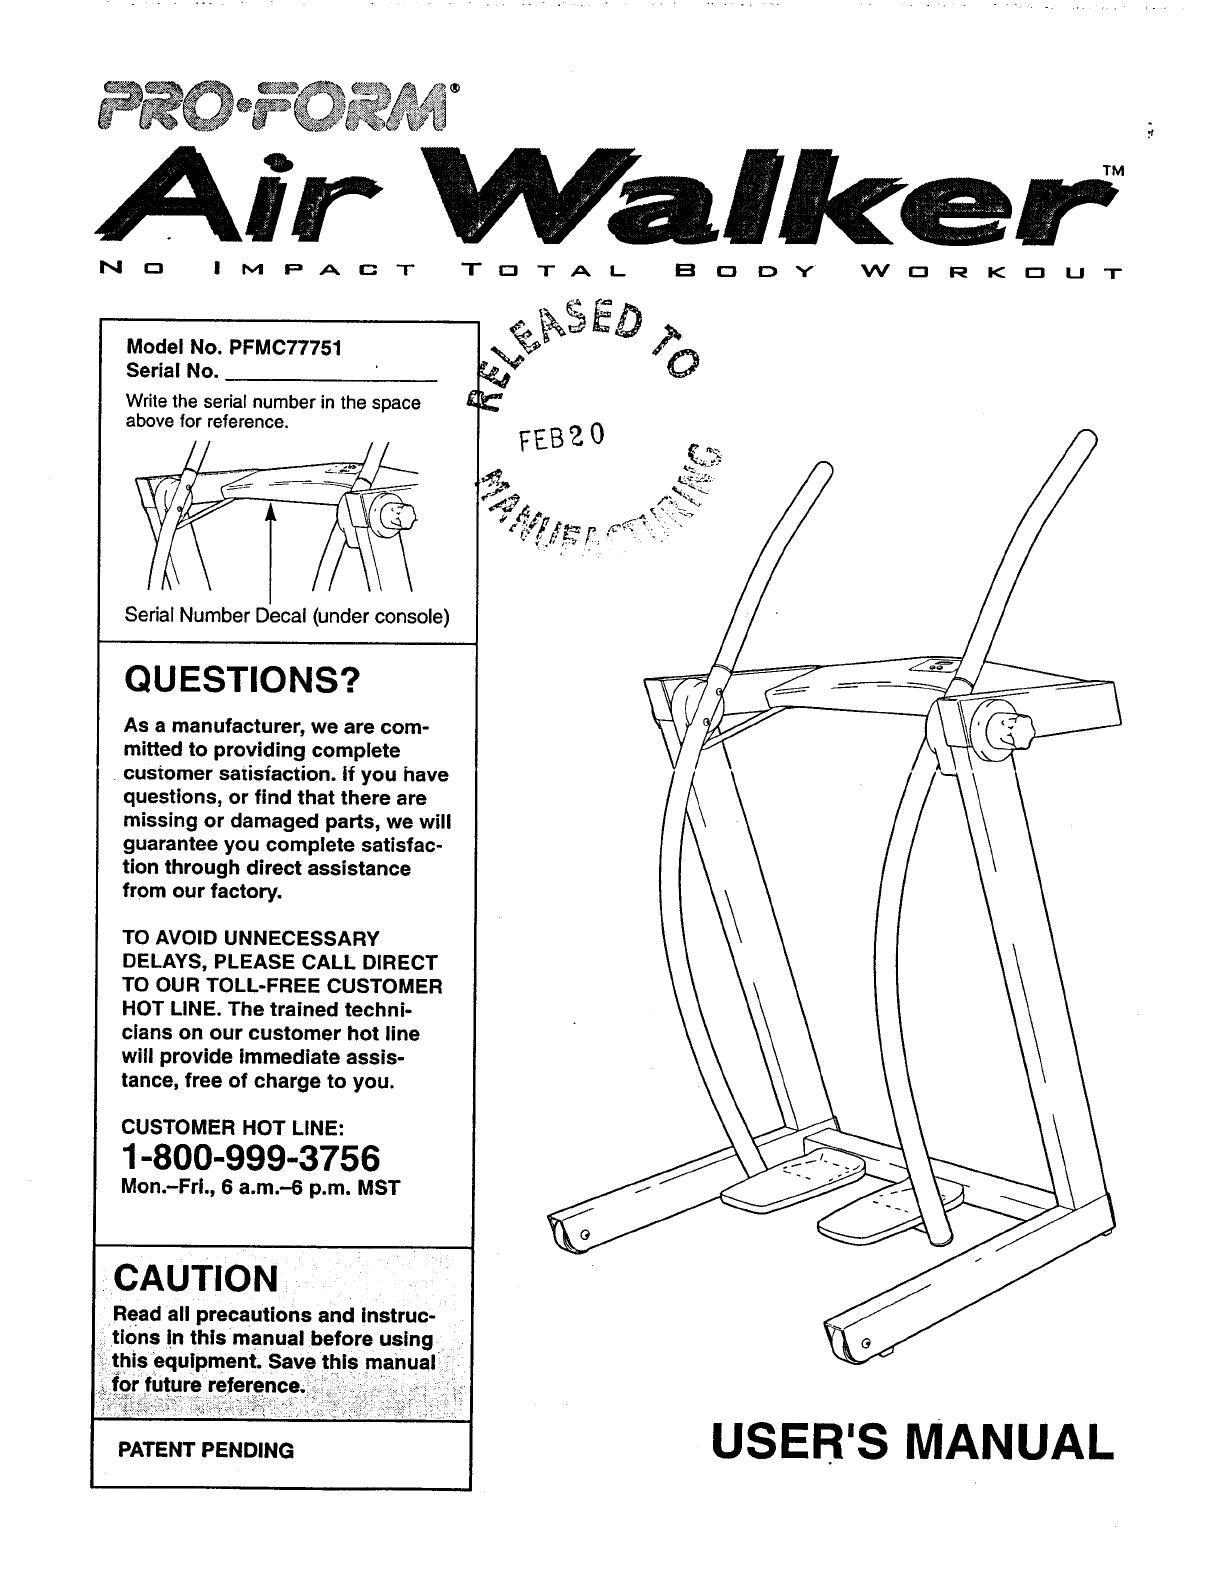 Bedienungsanleitung Pro Form Air Walker Pfmc7775 Seite 1 Von 12 Proform Treadmill Wiring Diagram